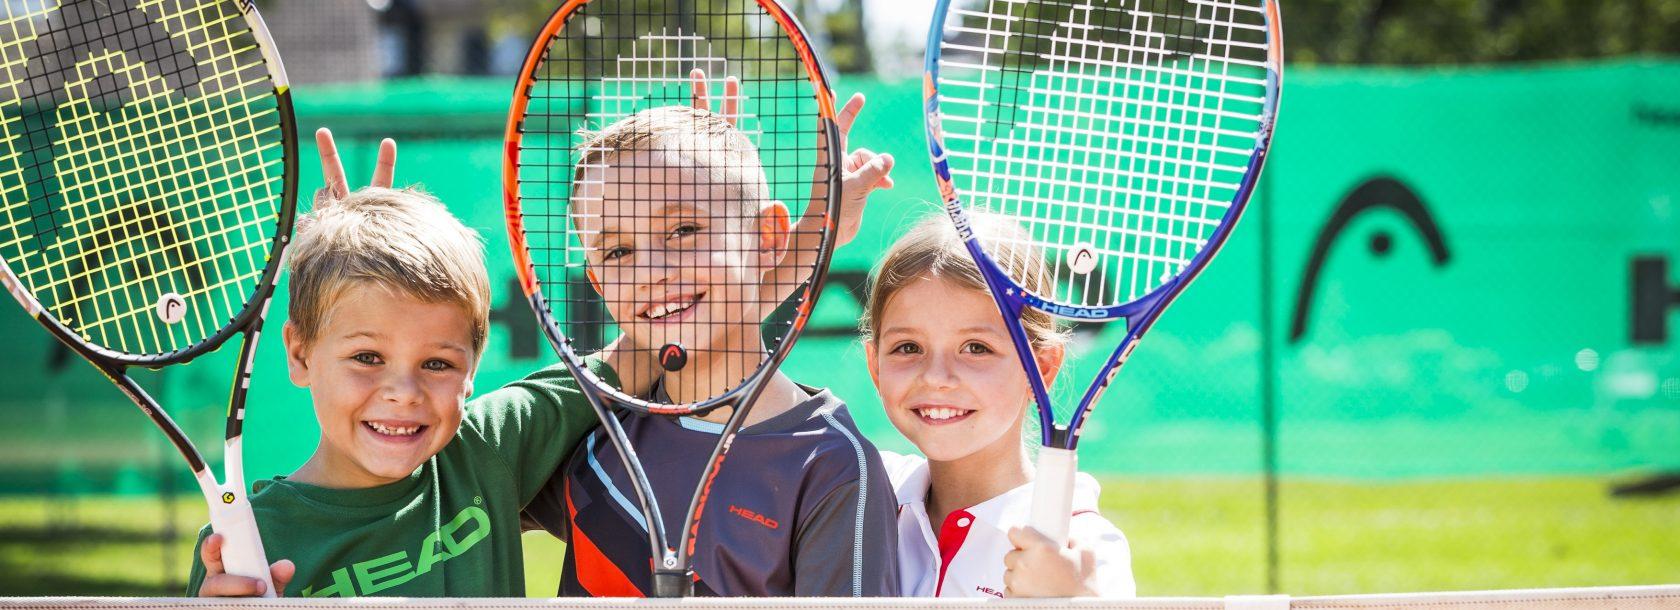 Tennis für Kinder